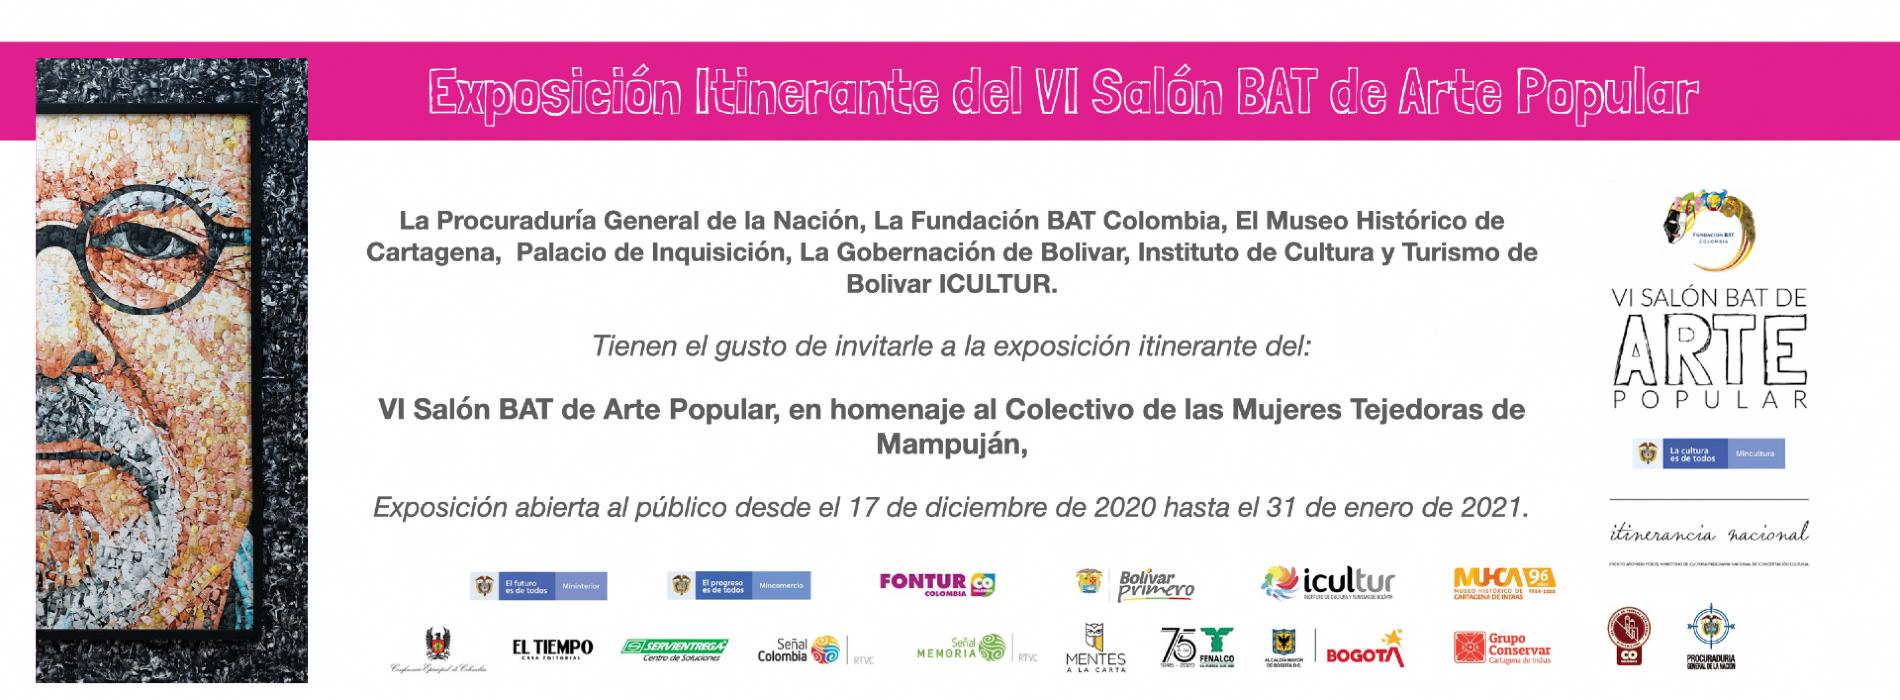 Invitación Exposición Cartagena